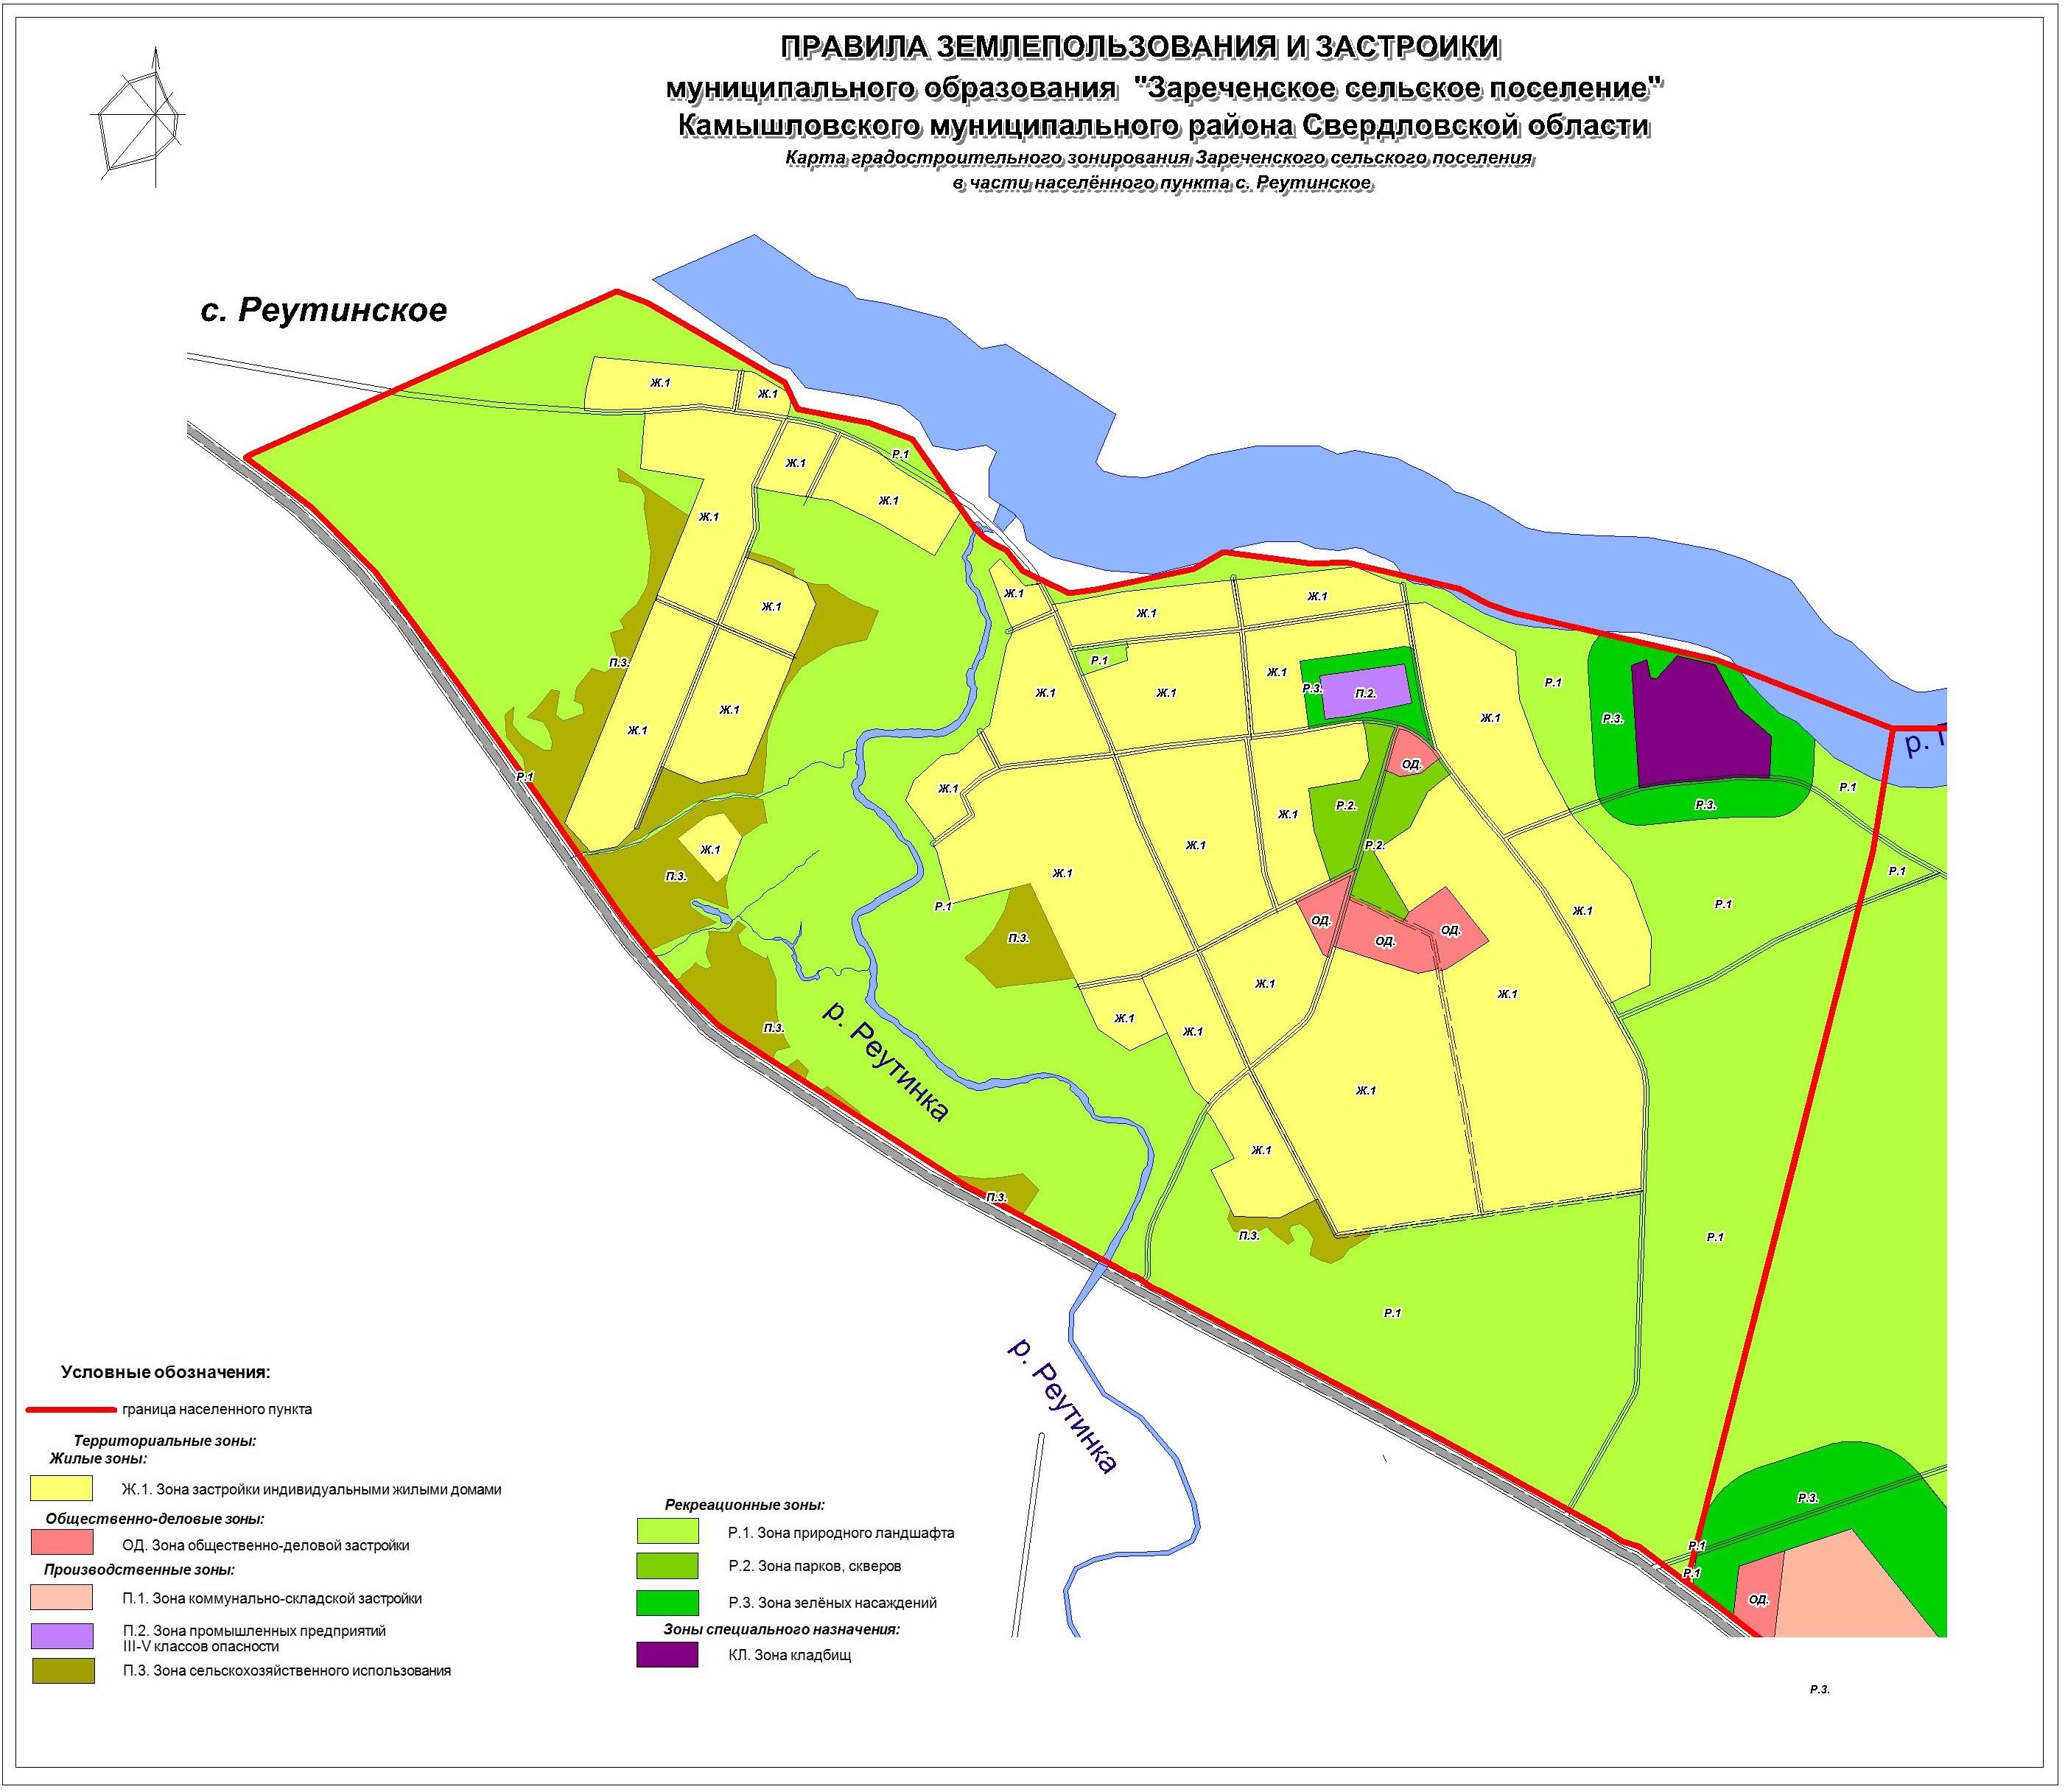 Карта градостроительного зонирования Реутинское